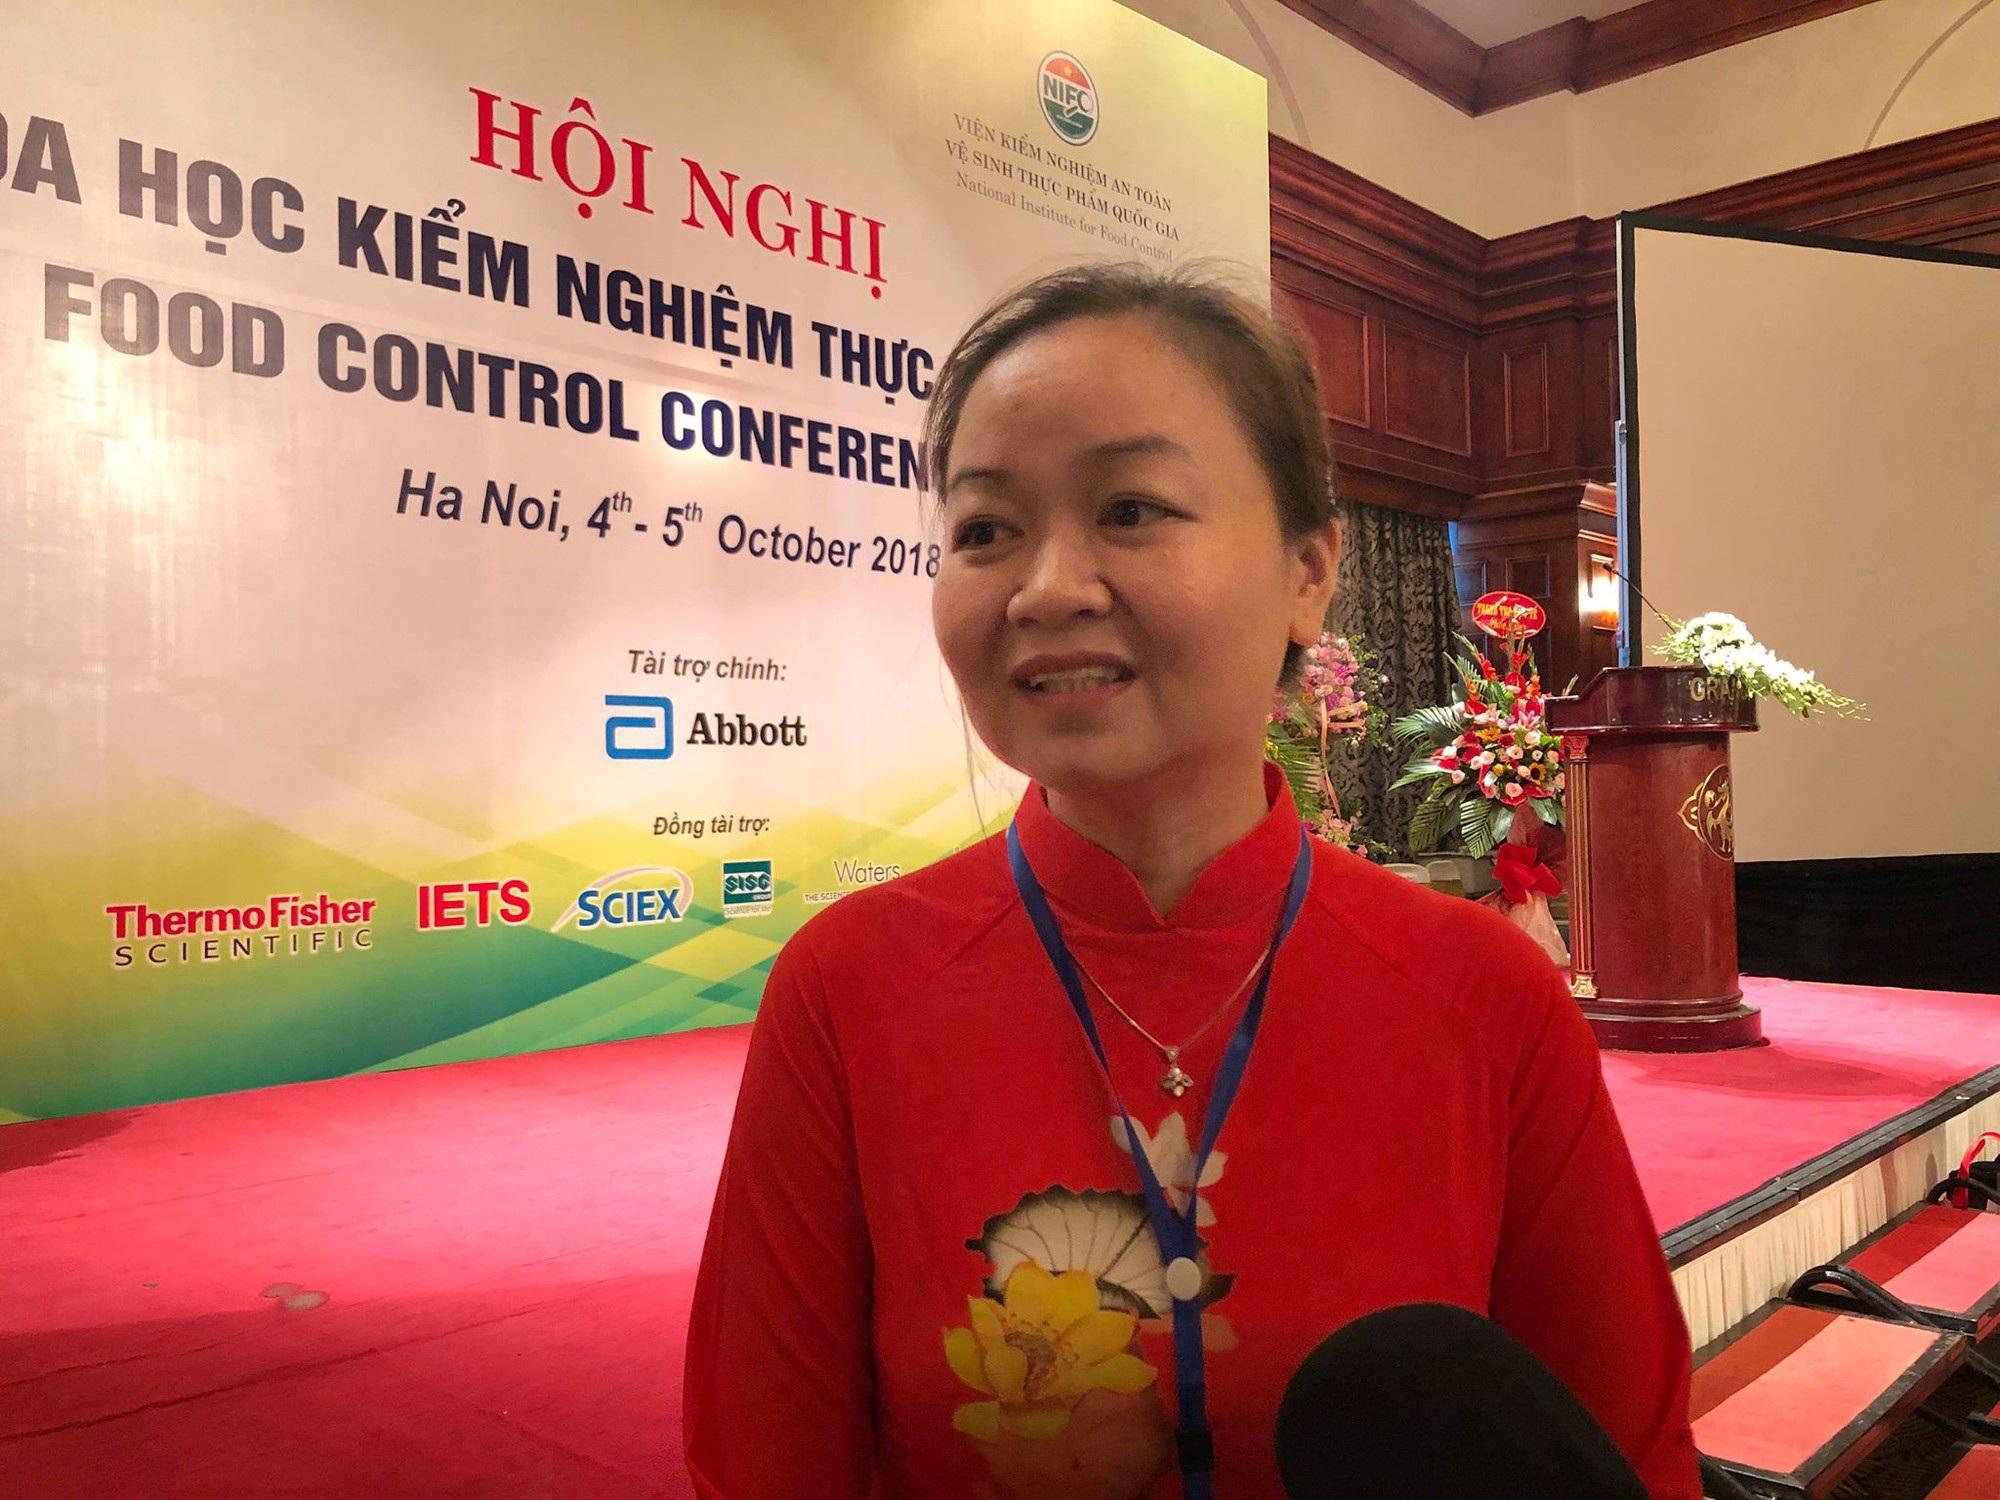 Việt Nam đã định danh được chính xác tác nhân ngộ độc, không phải gửi đi quốc tế - Ảnh 2.